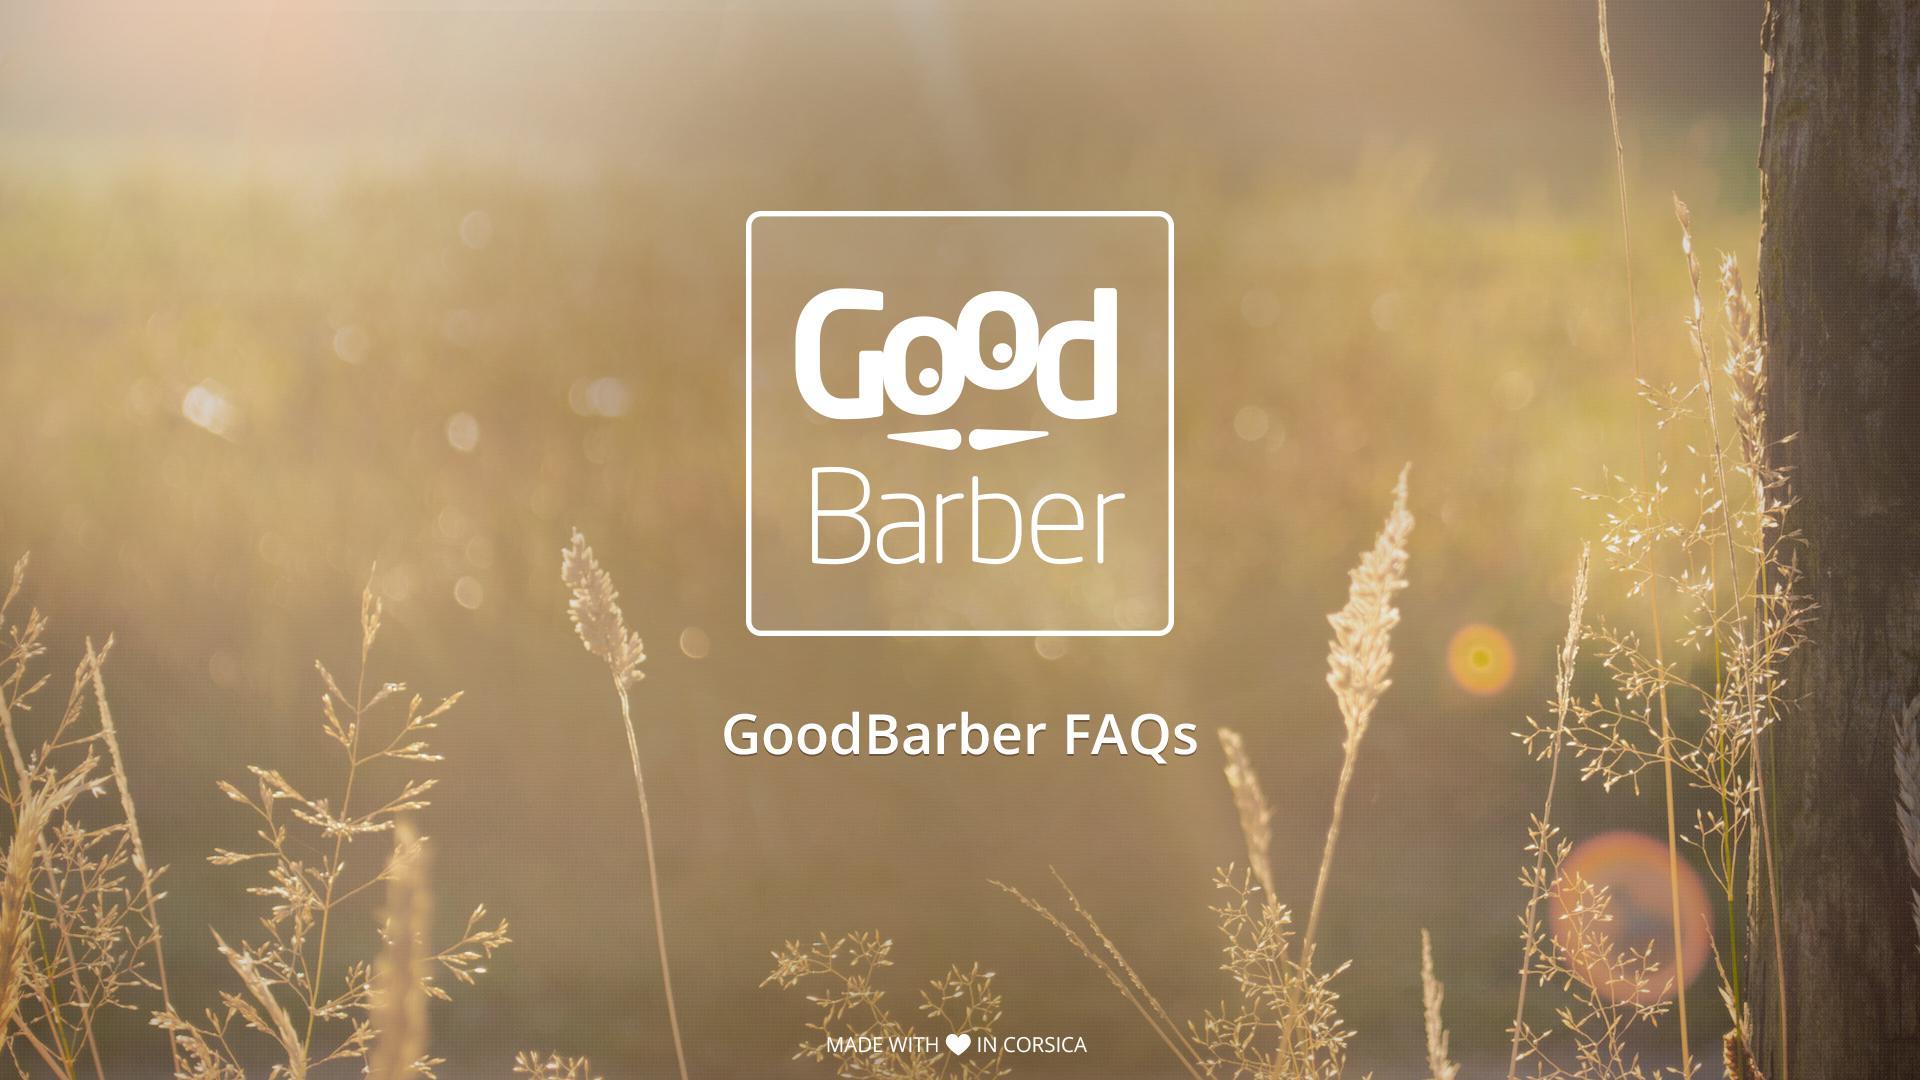 GoodBarber FAQs sobre el desarrollo de una aplicación móvil #4